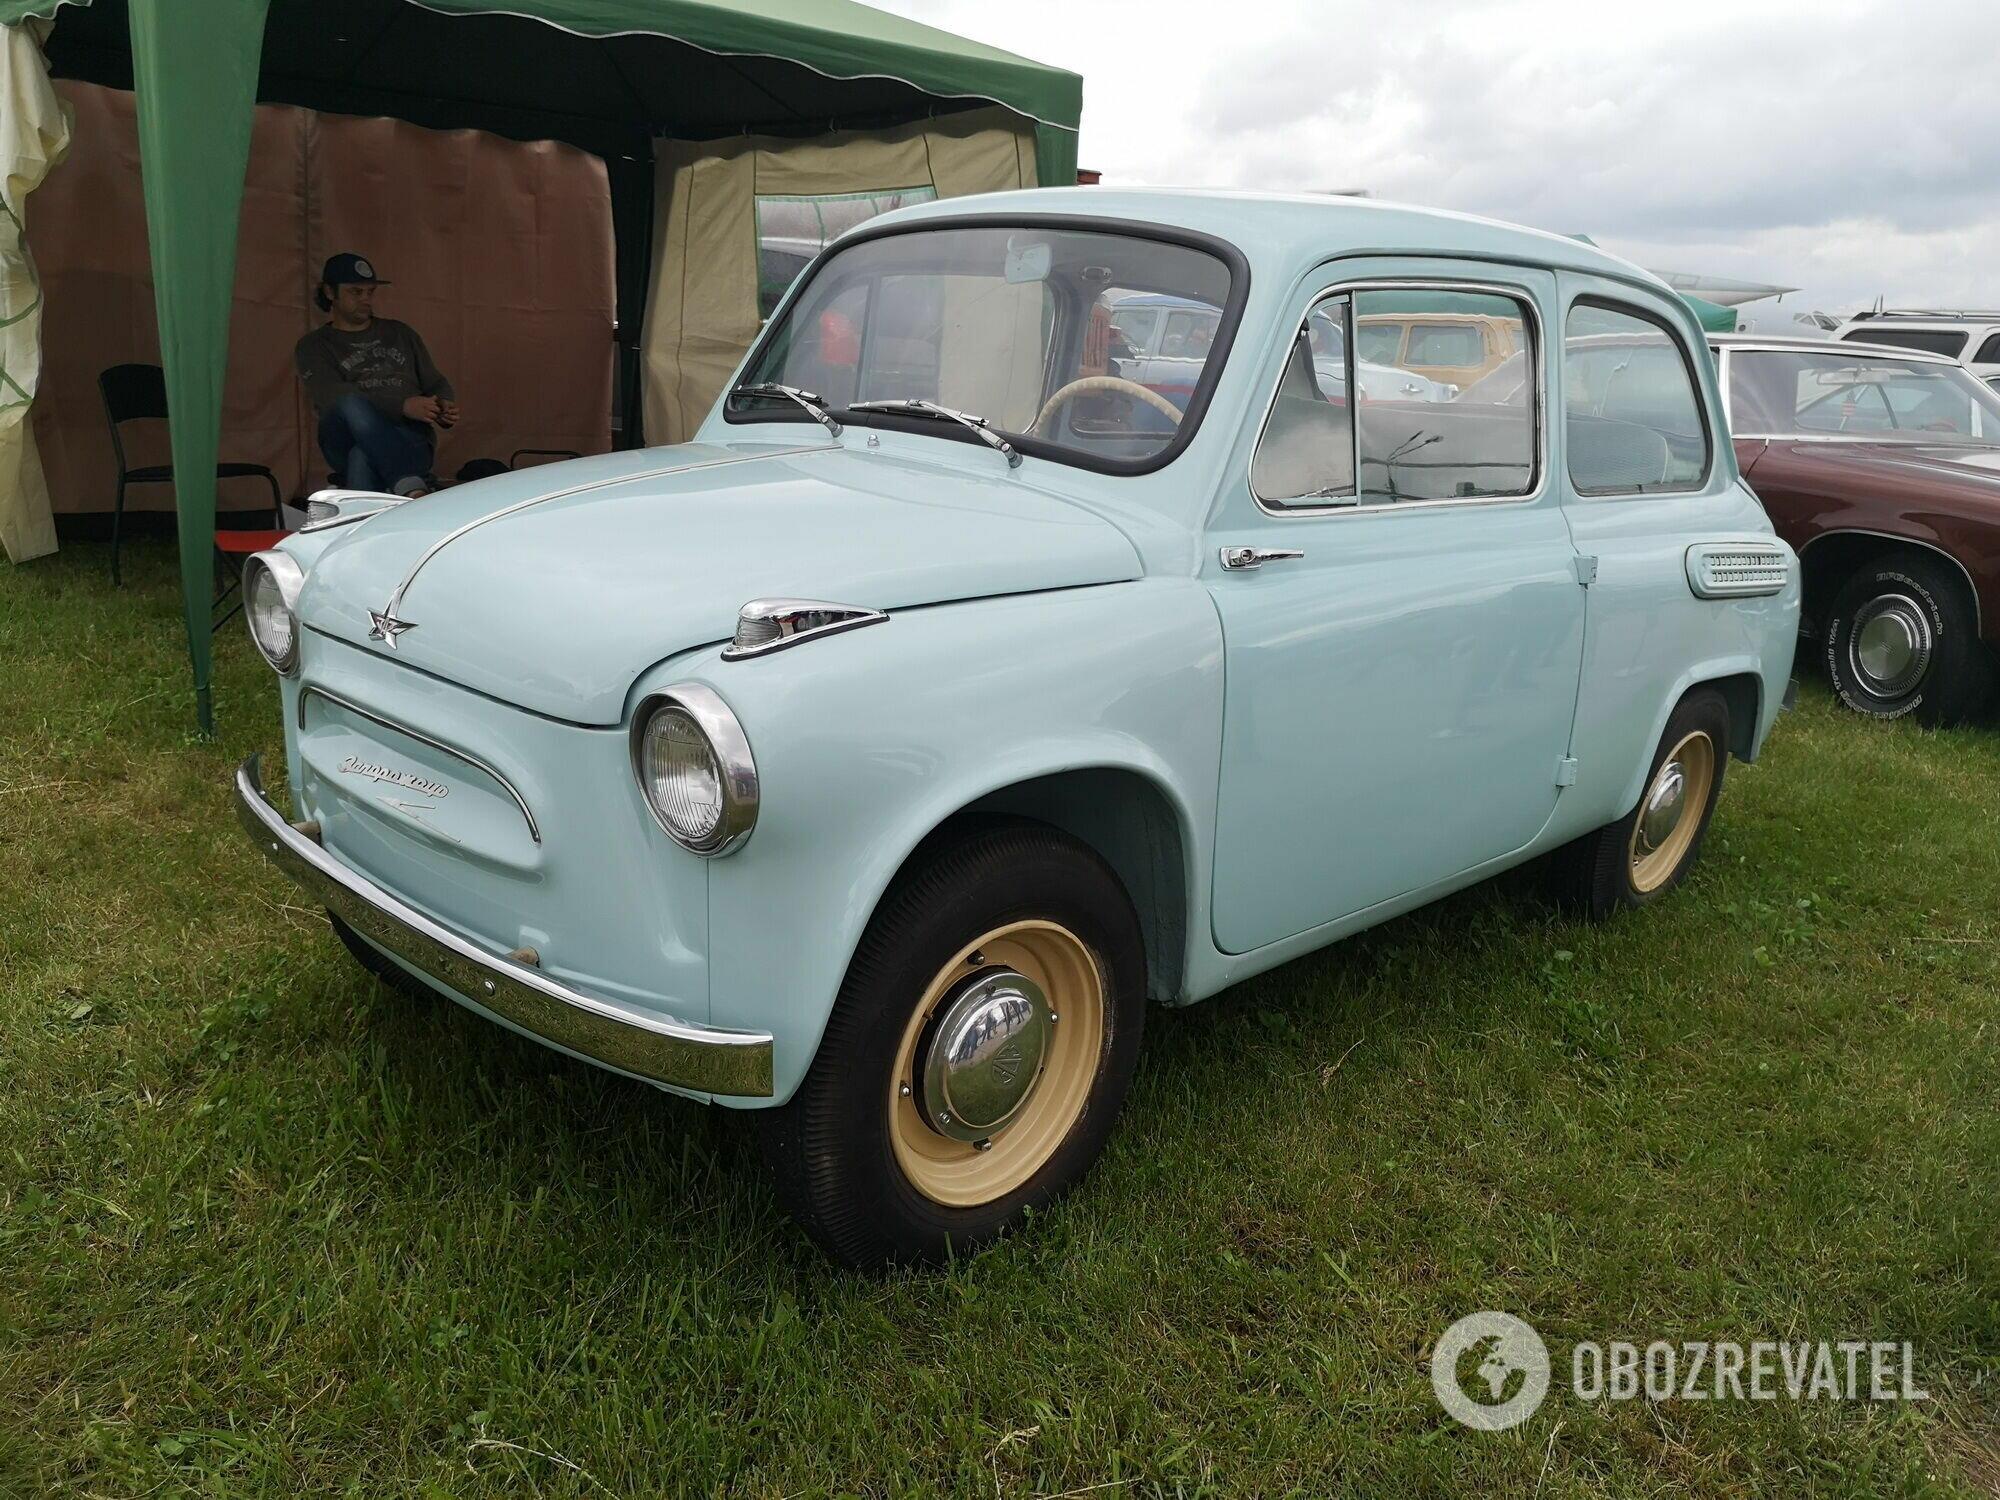 """На фестивале впервые дебютировал самый старый в мире """"Запорожец"""" – ЗАЗ-965 1960 года"""